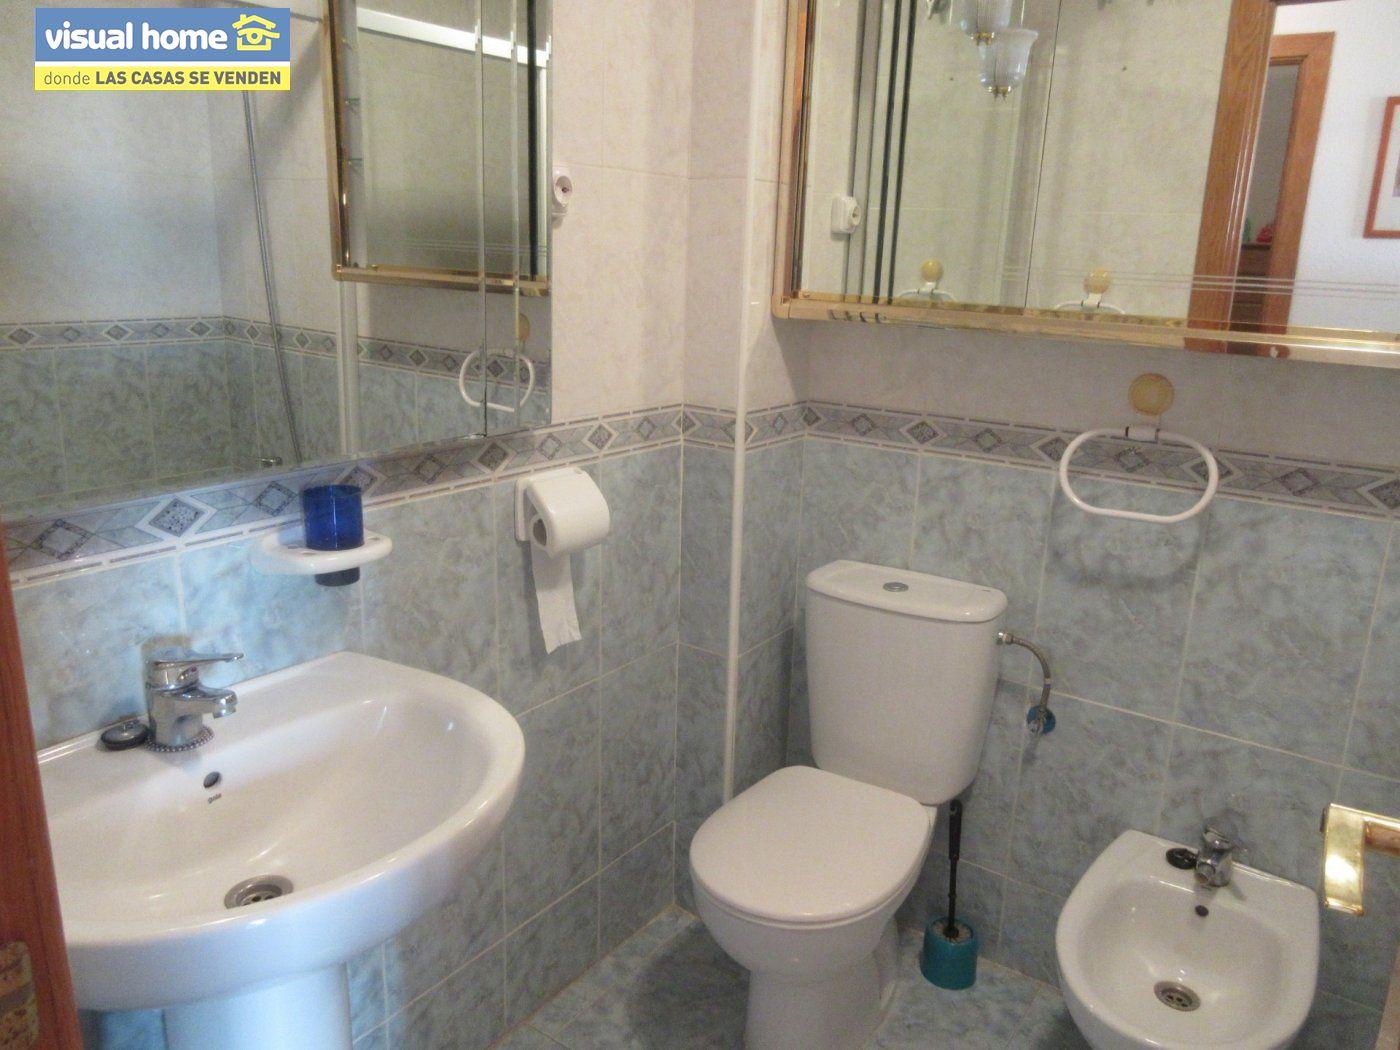 Apartamento 1 dormitorio con vistas espectaculares con parking y piscina en Rincón de Loix llano 8